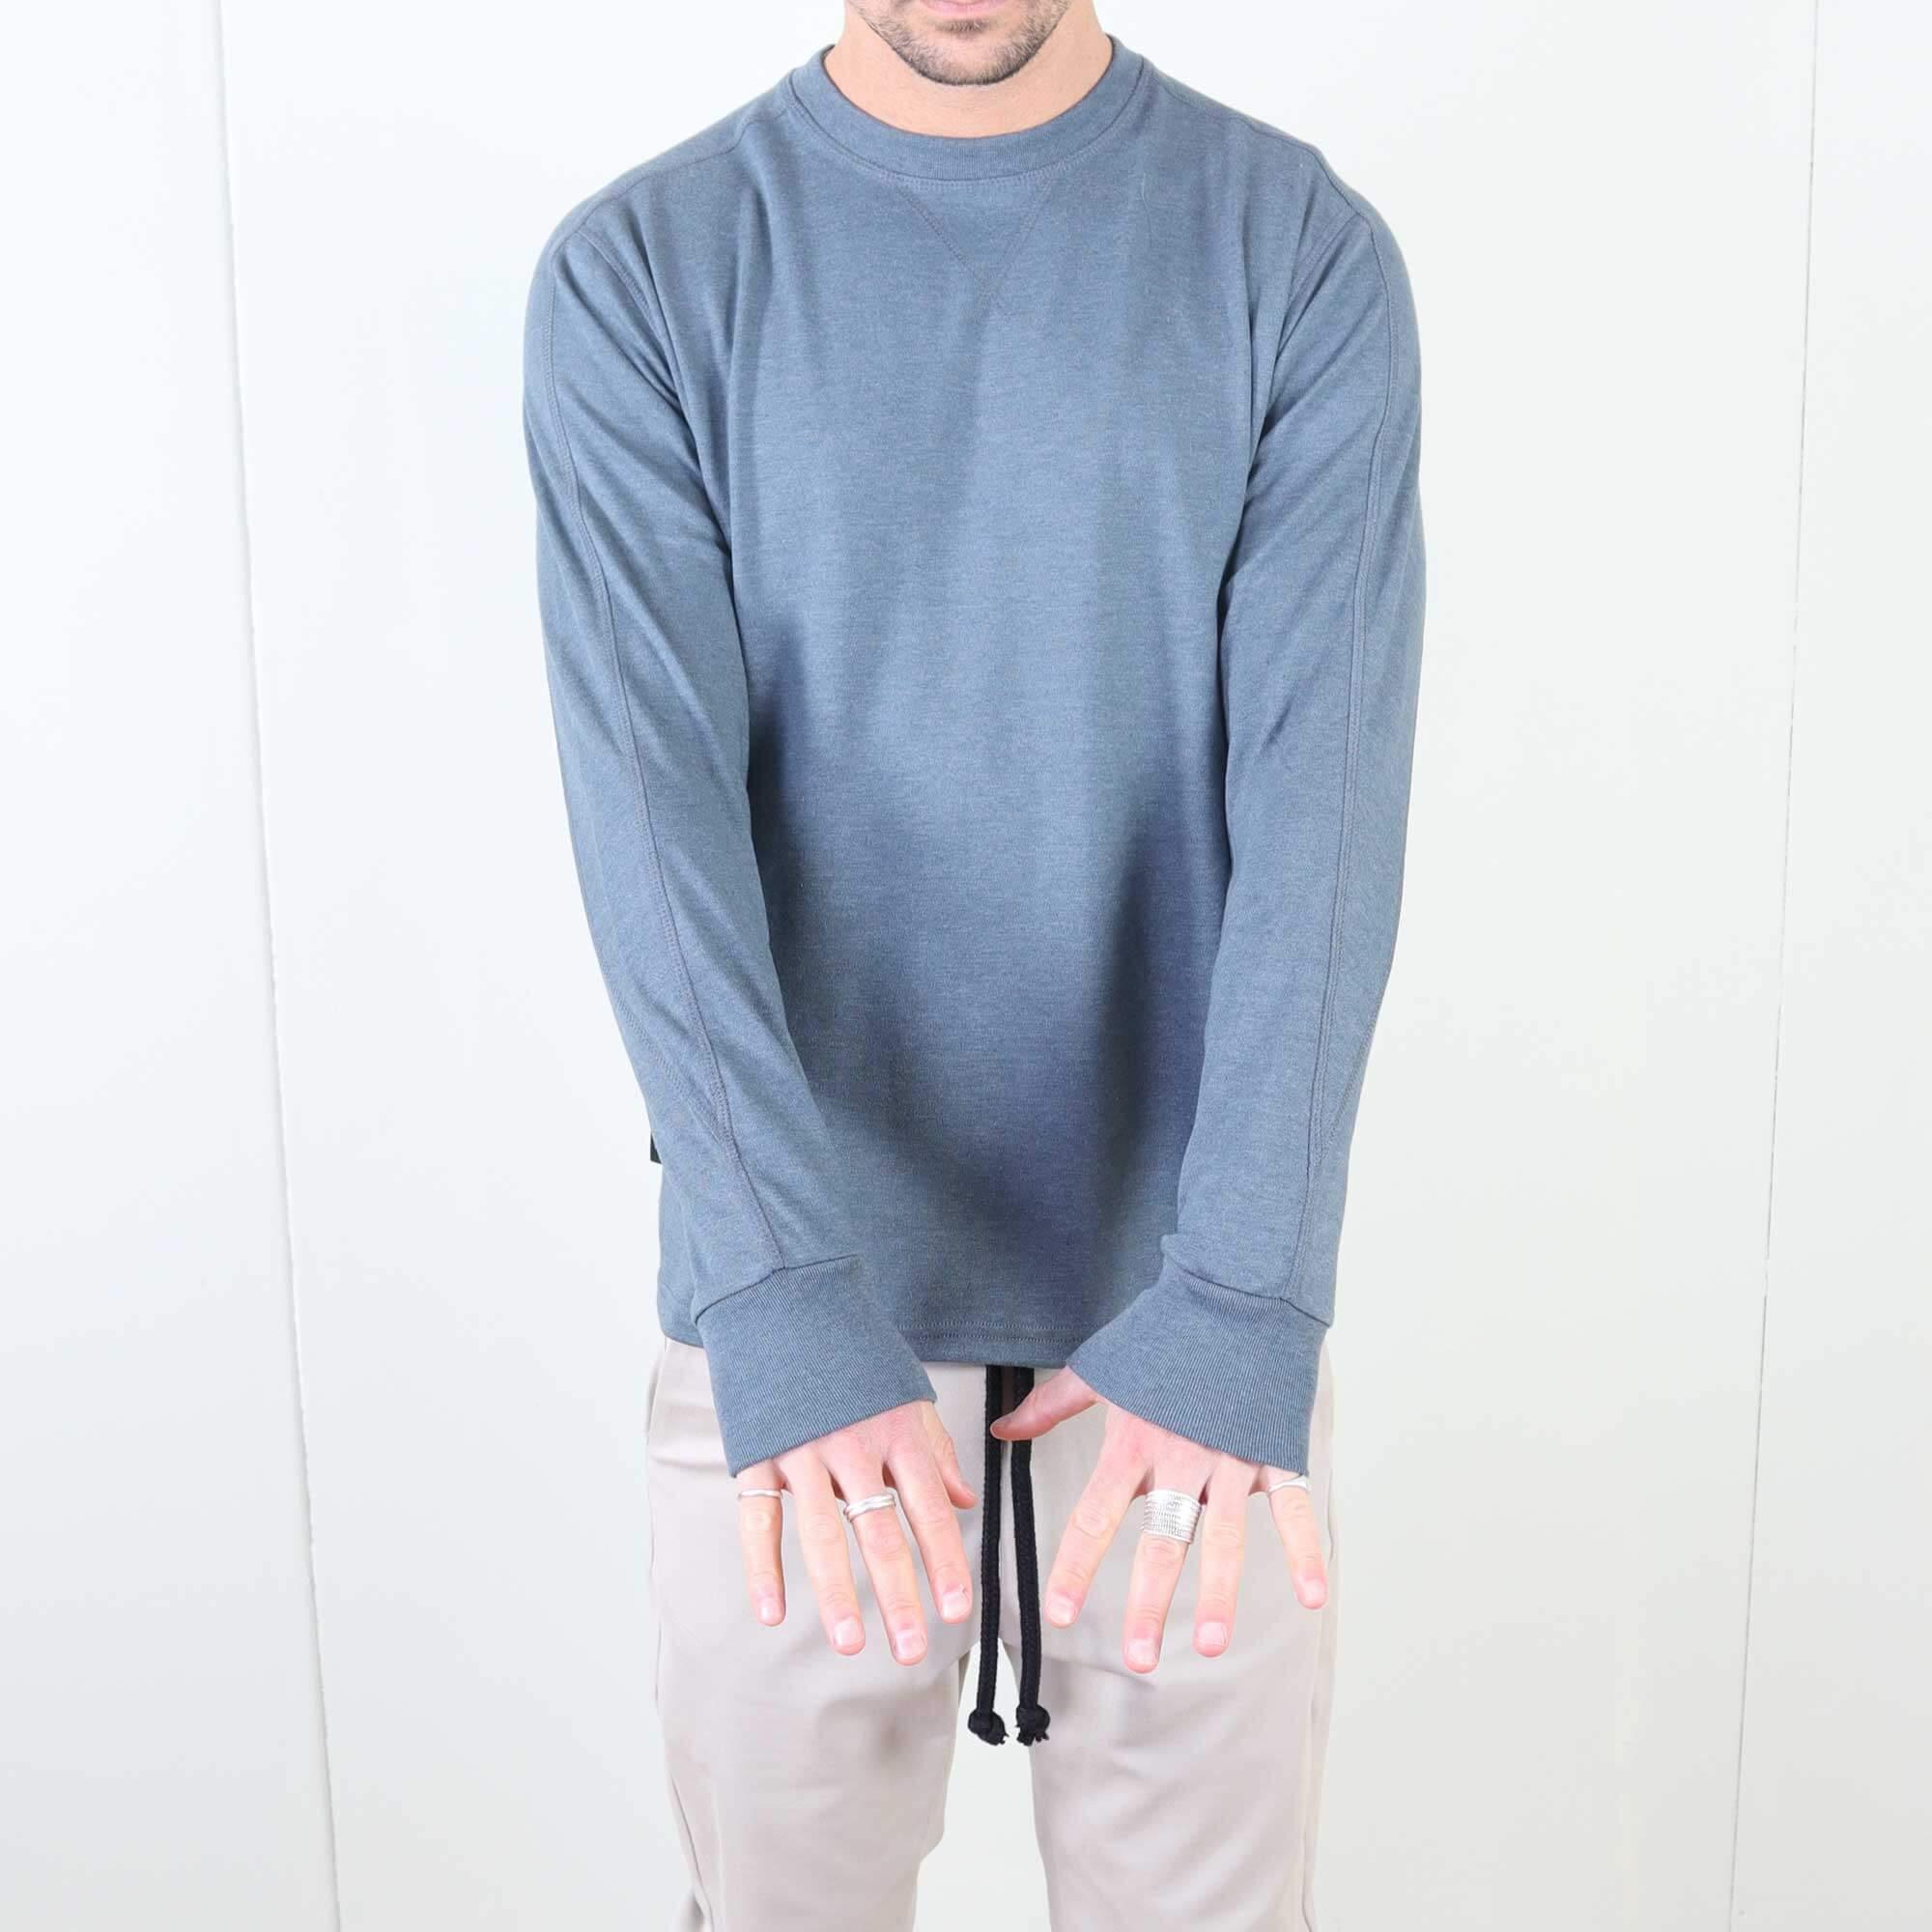 wonsweater-blue-2